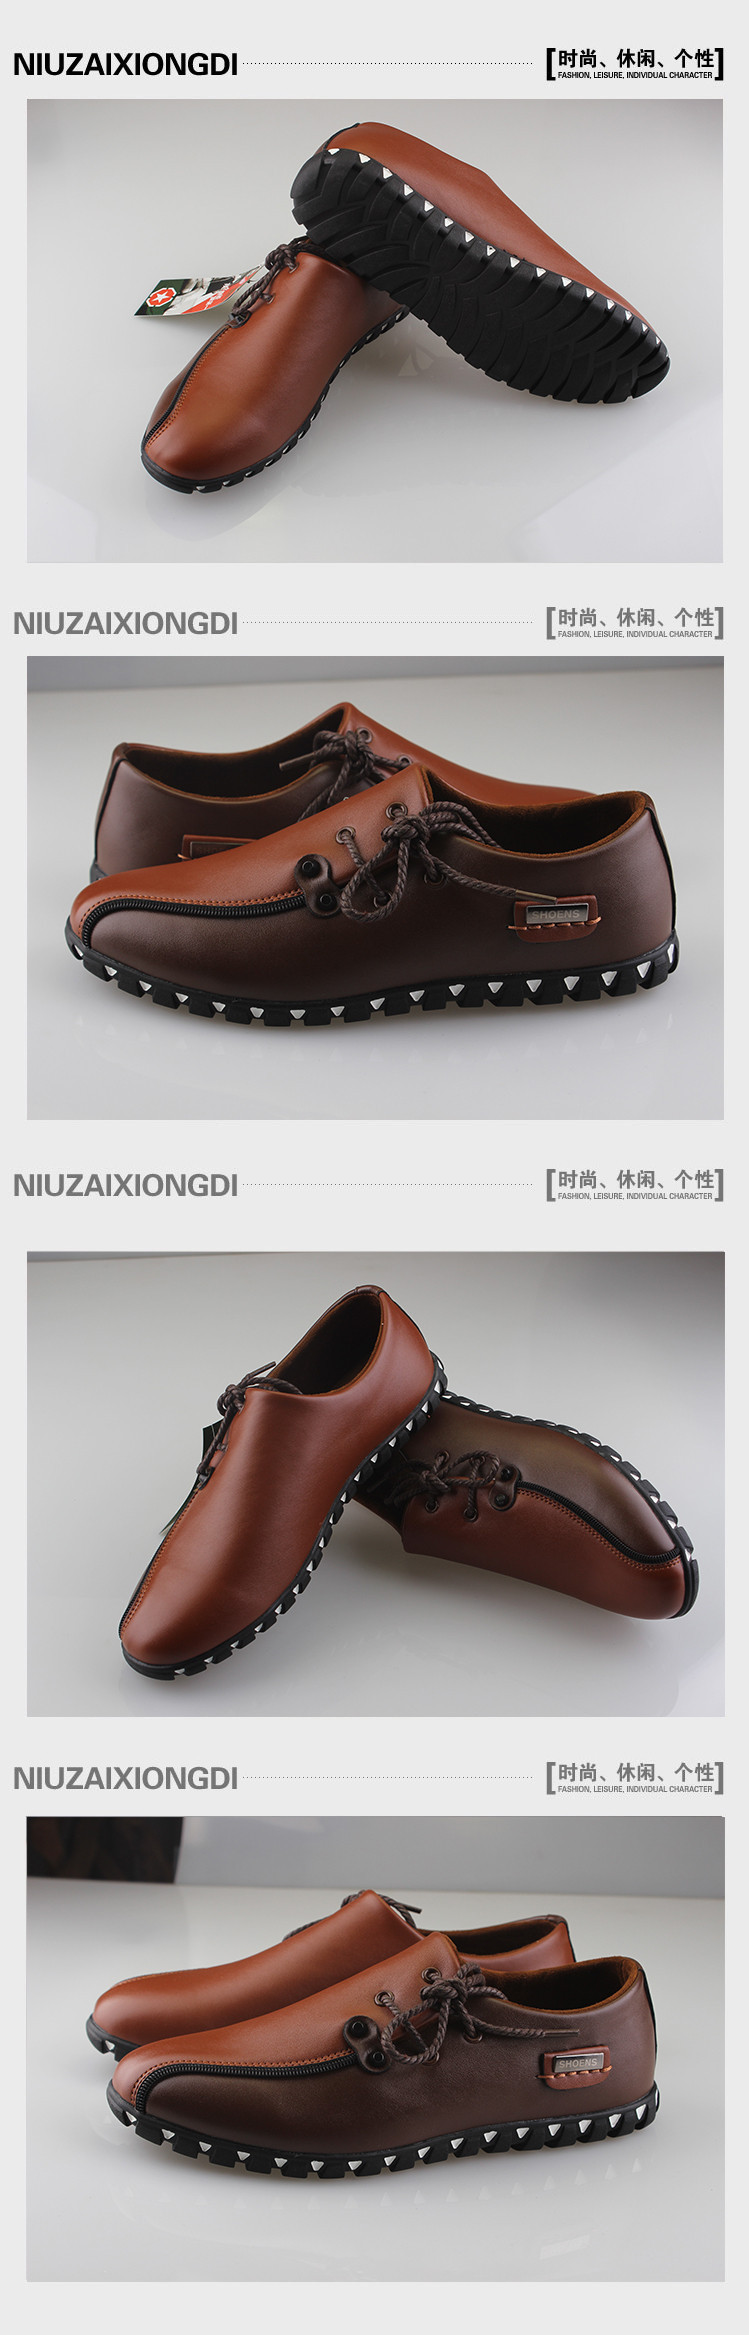 Tennis часы brasilia кружево - туфли новый мягкий мода мужские свободного покроя мужская обувь и британцев стиль обувают бесплатная доставка